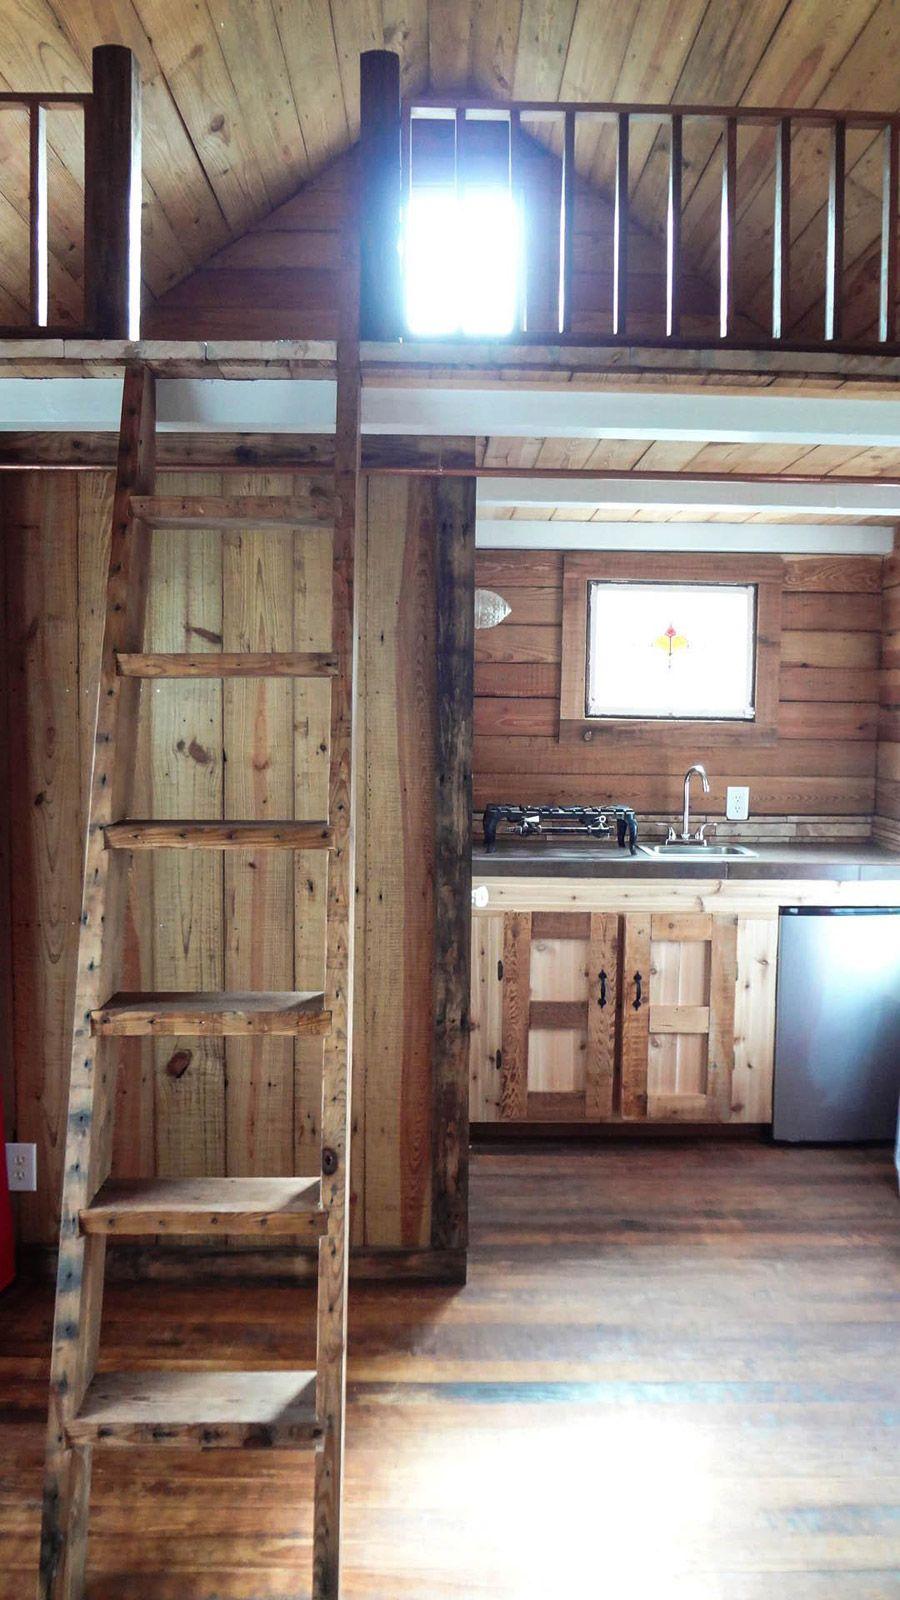 Tiny House Reclaimed Tiny House Swoon Tiny House Cabin Tiny House Swoon Tiny House Design